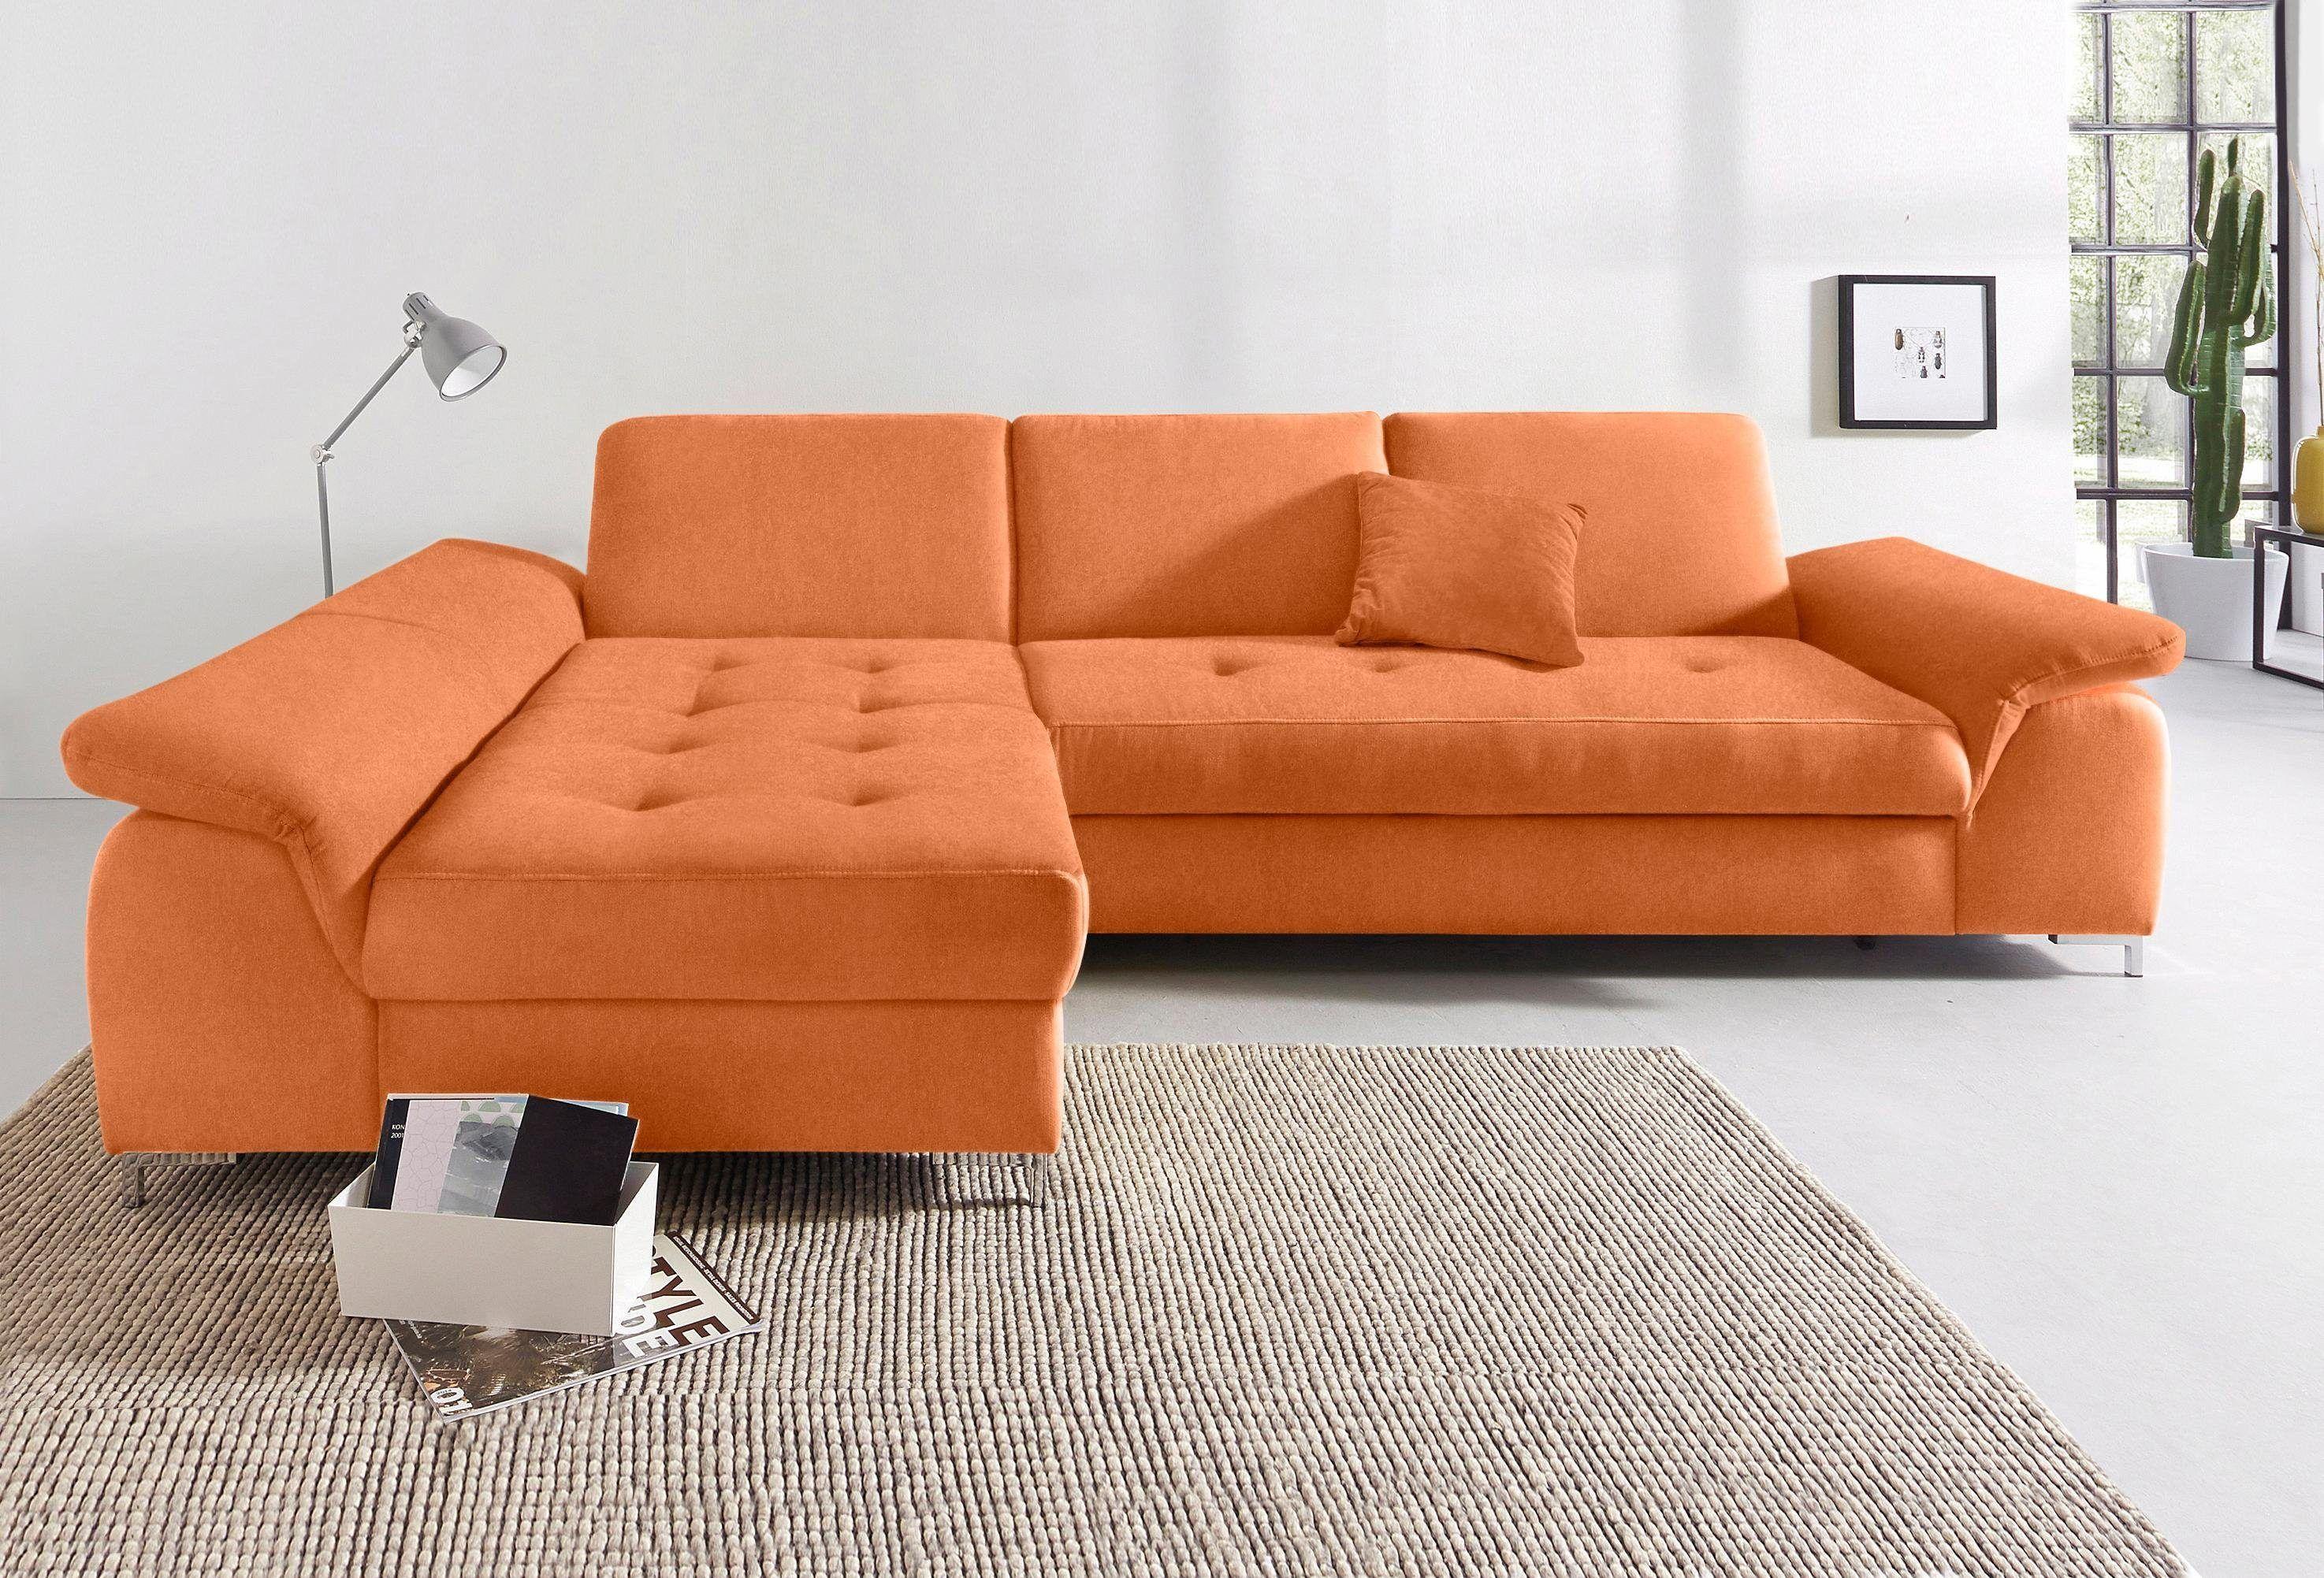 Polsterecke orange, Recamiere links, FSC®-zertifiziert, yourhome ...